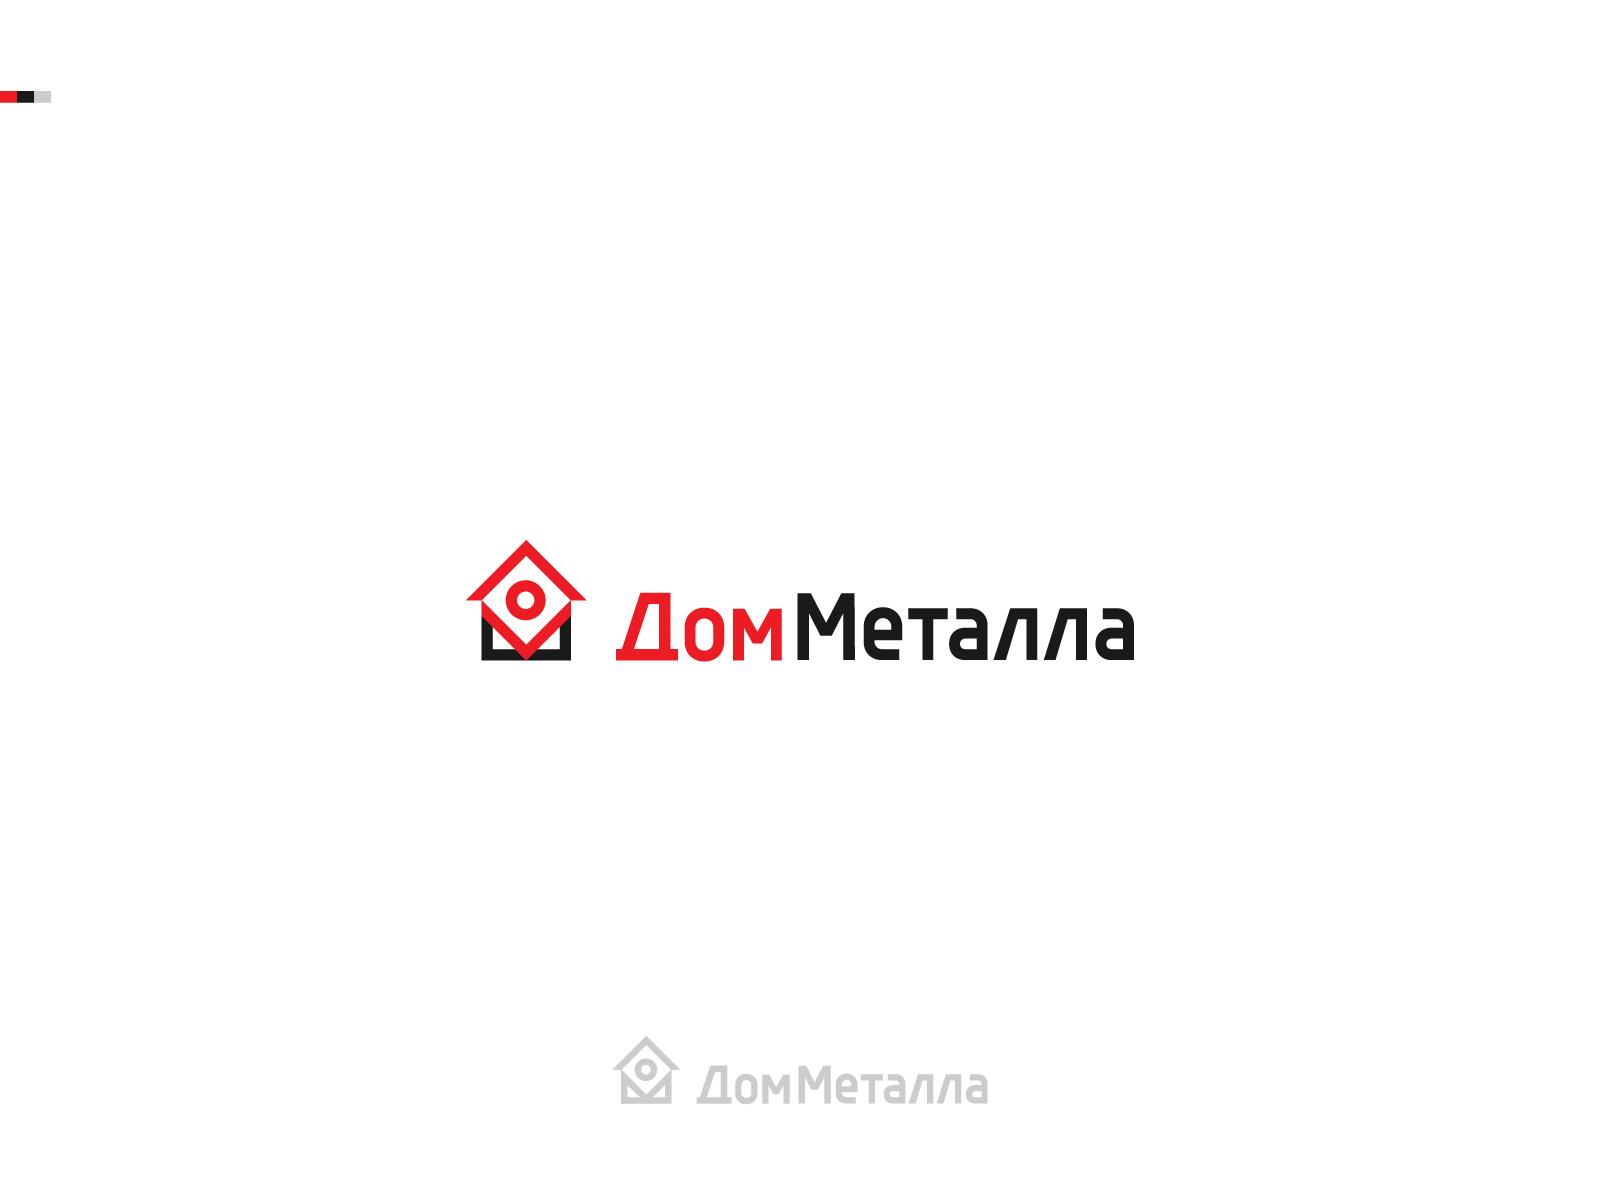 Разработка логотипа фото f_6035c59982b4e295.jpg